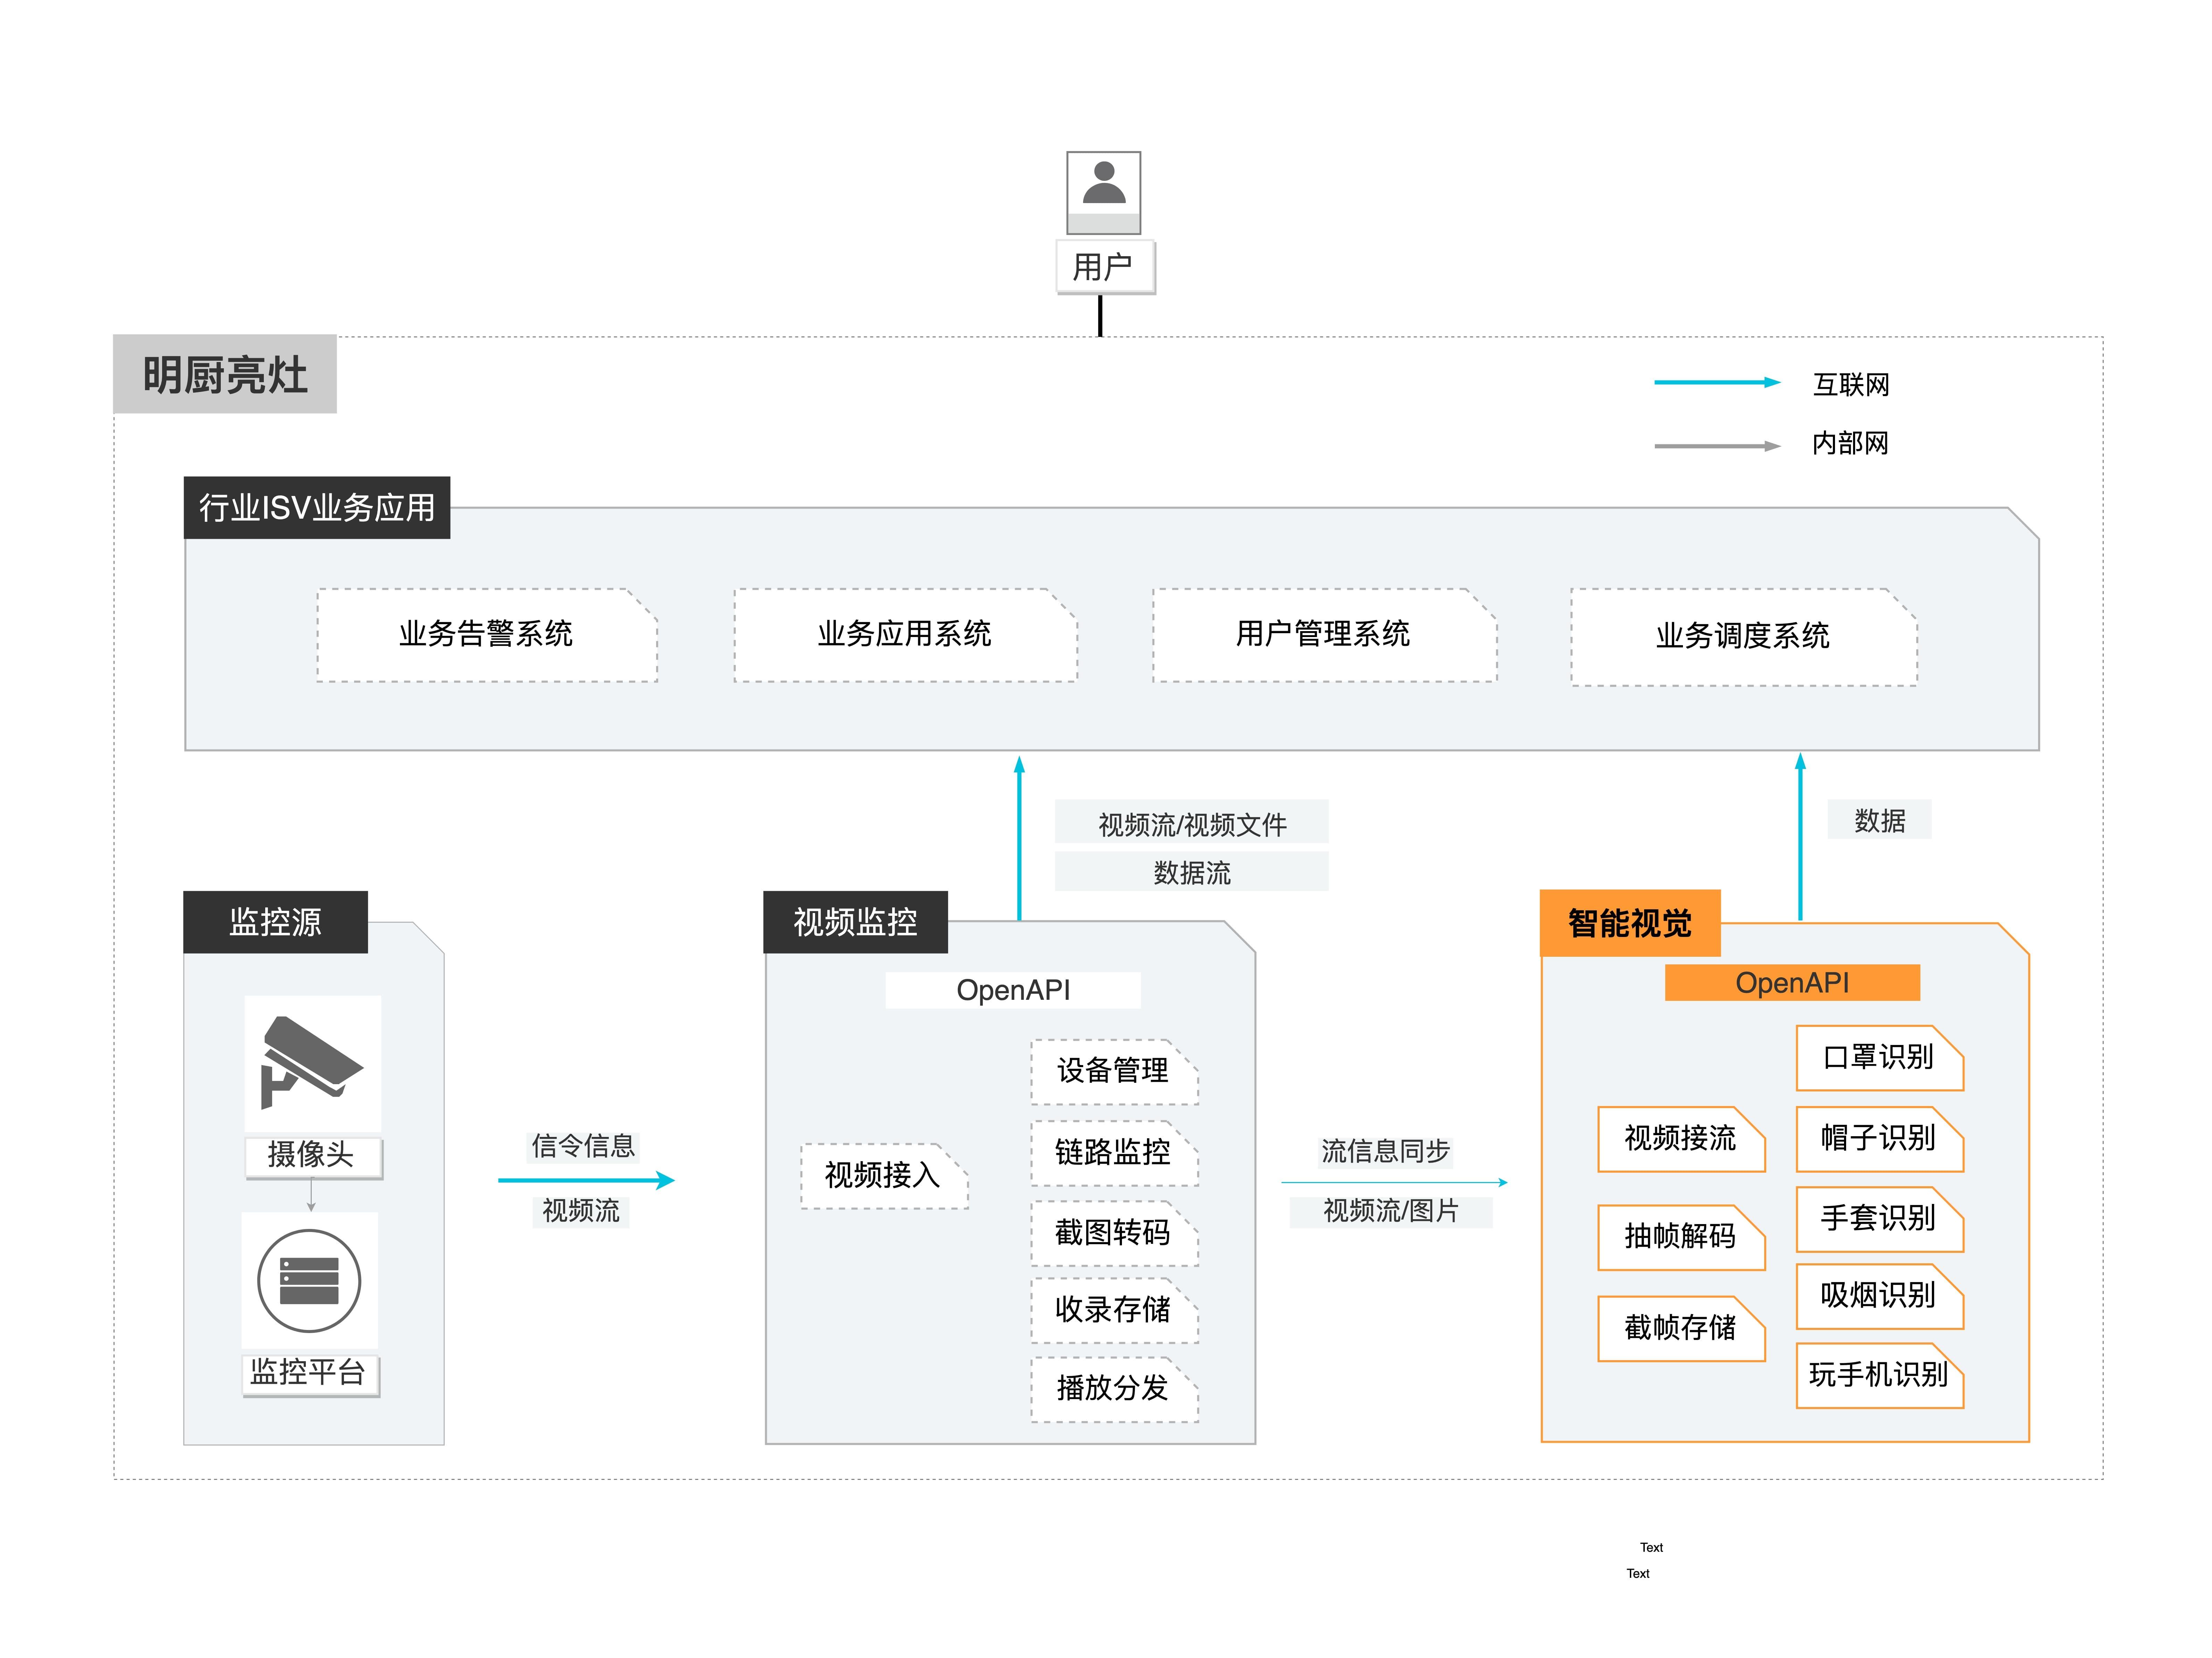 明厨亮灶架构图.jpg